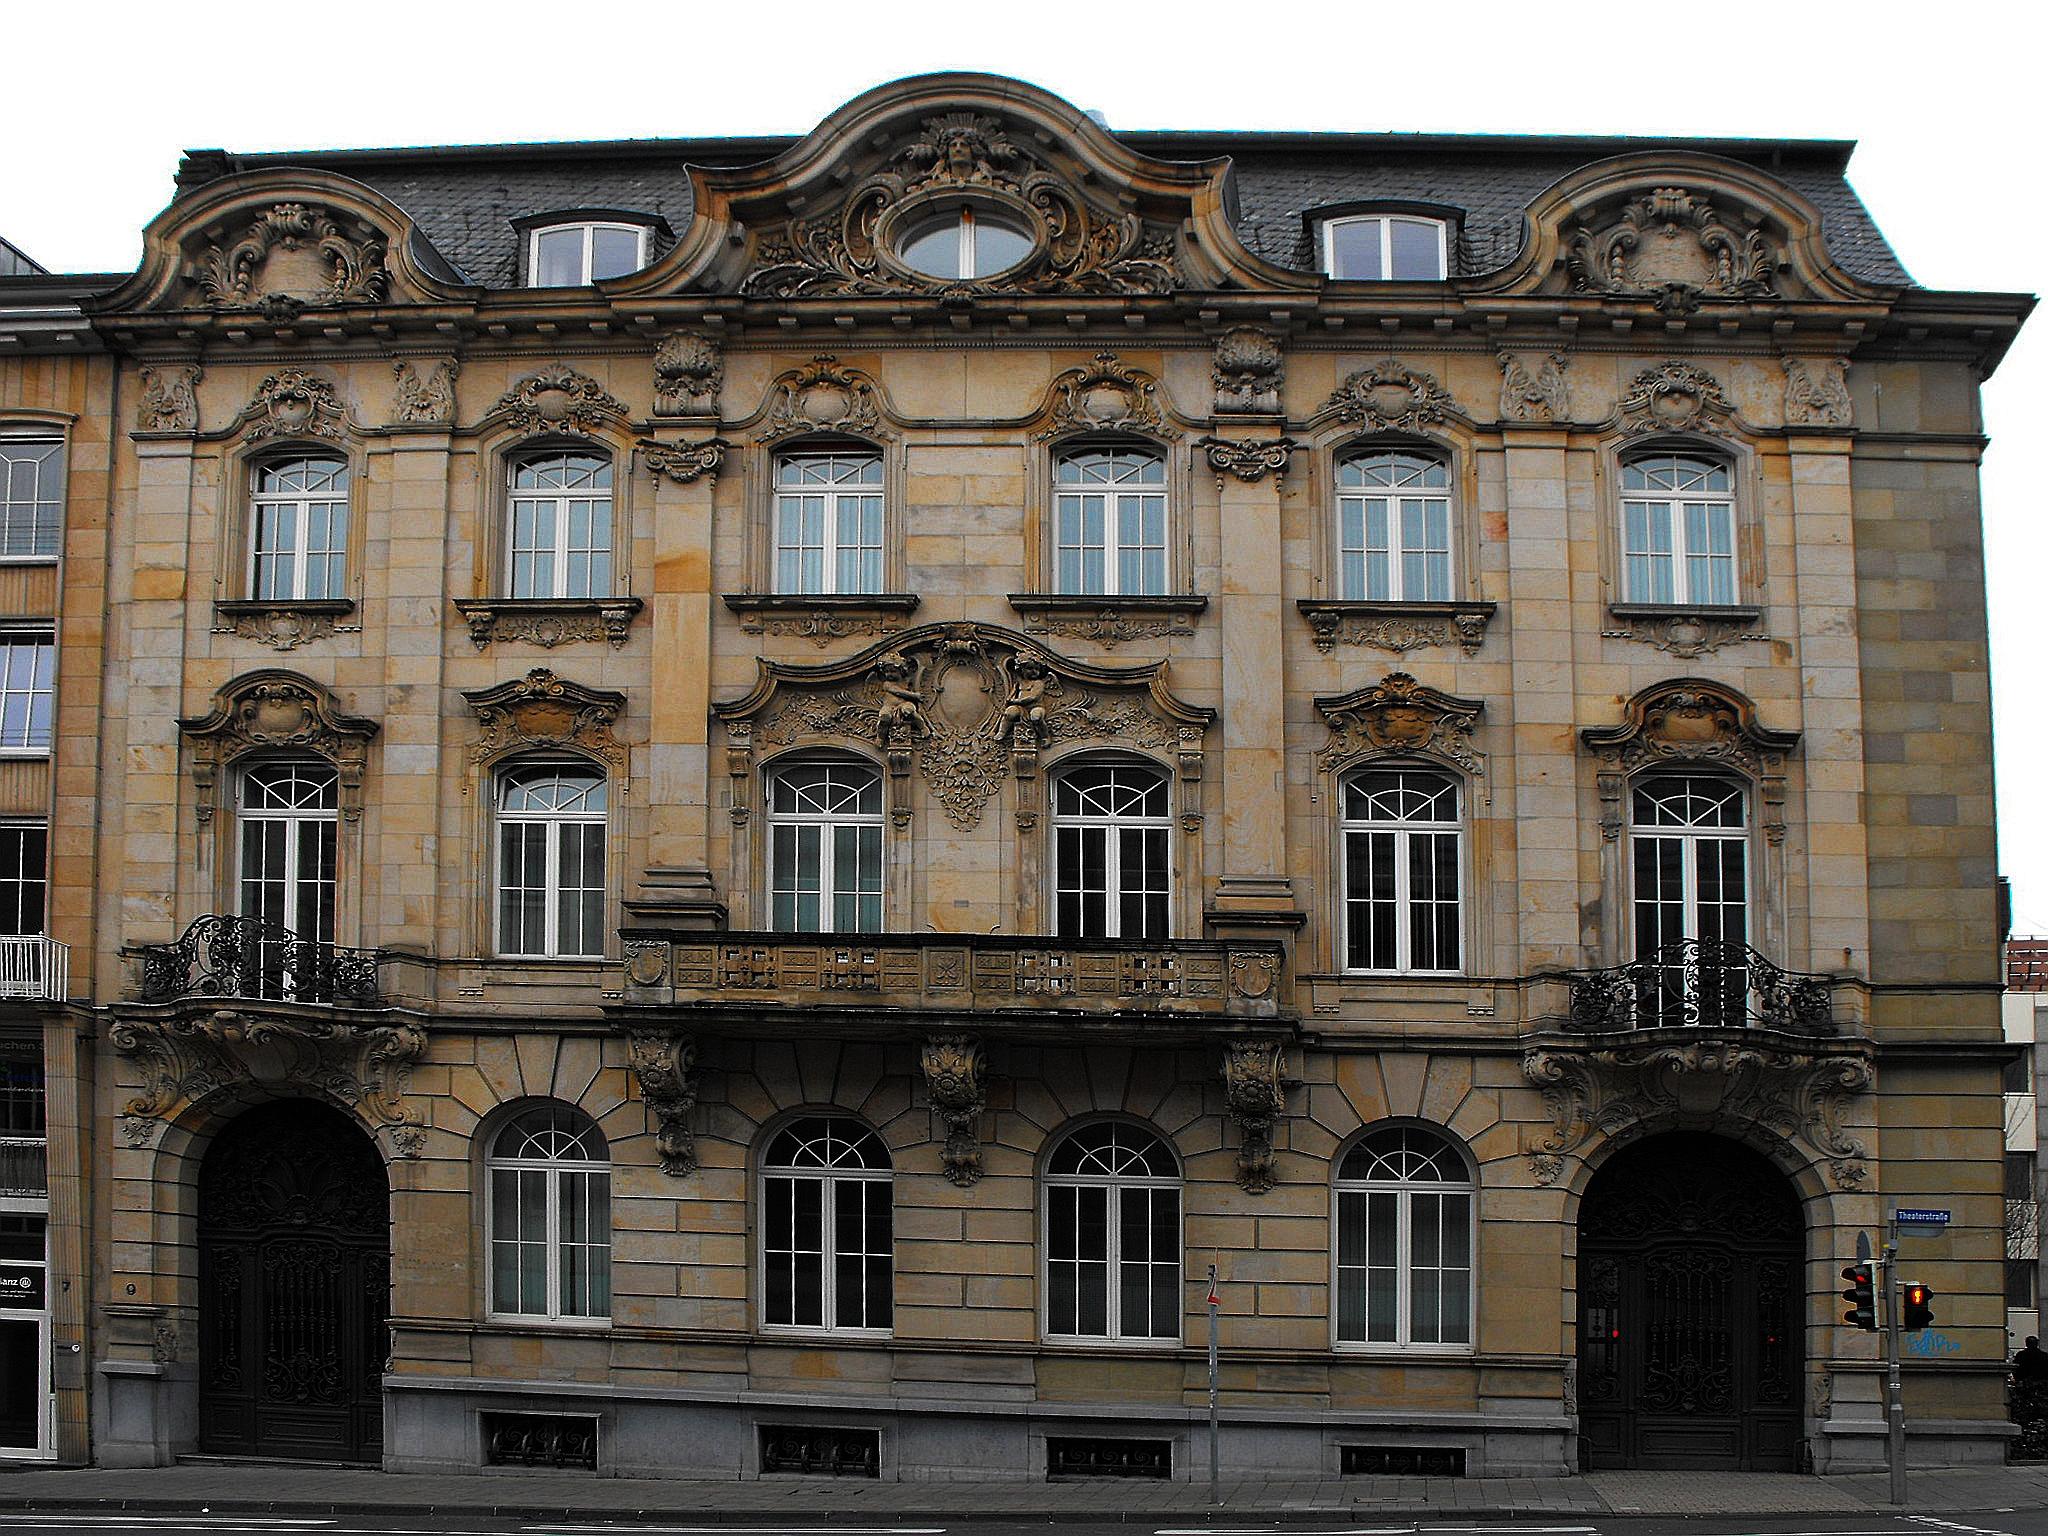 Palaise Suermondt, Aachen